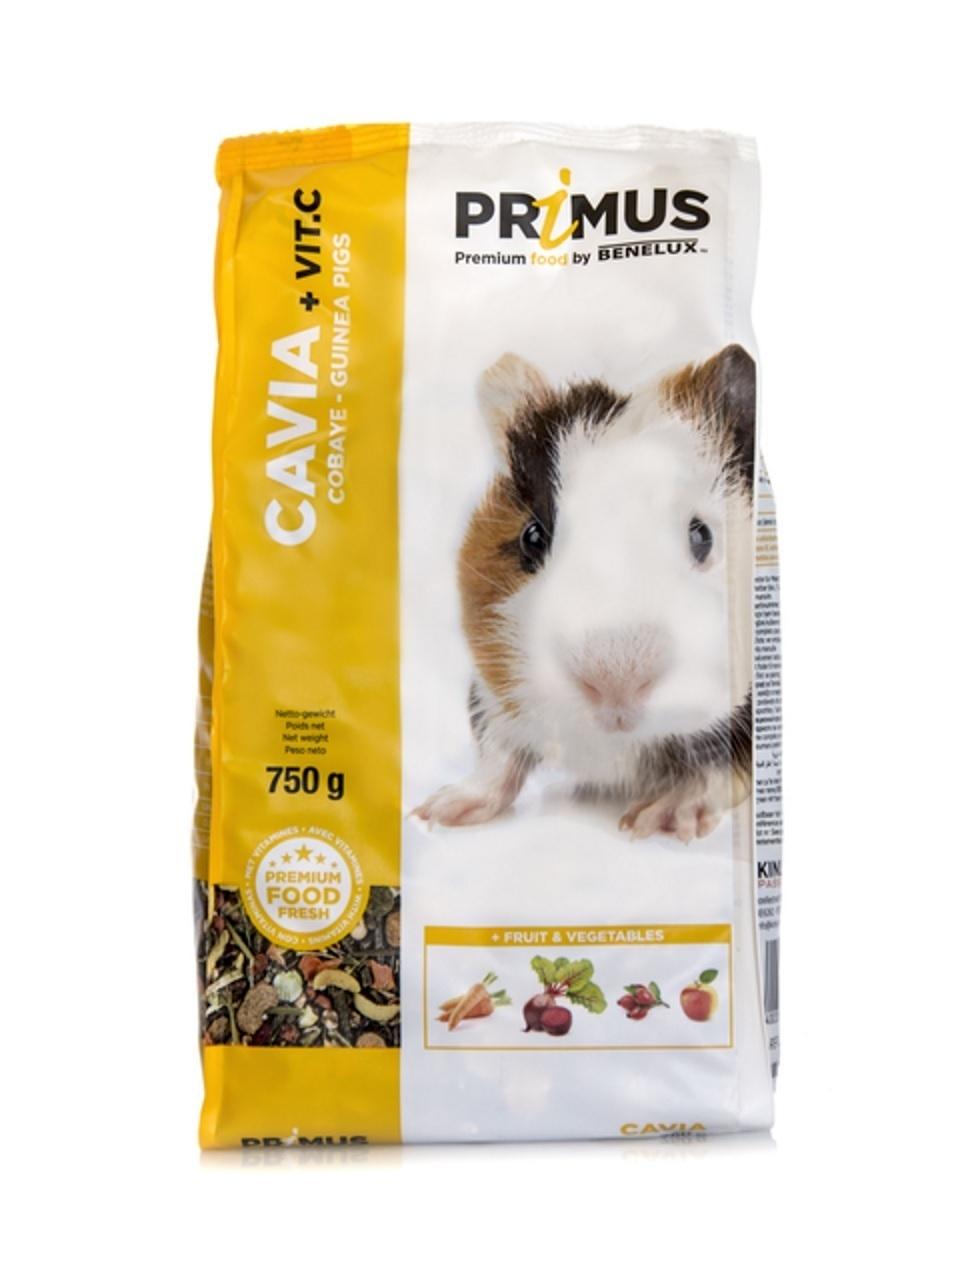 Benelux корма Корм для морских свинок с Витамином С Премиум (Primus cavie + vit c. Premium) 32513 (PRIMUS CAVIA 750G) 32513.., 0,750 кг, 30008